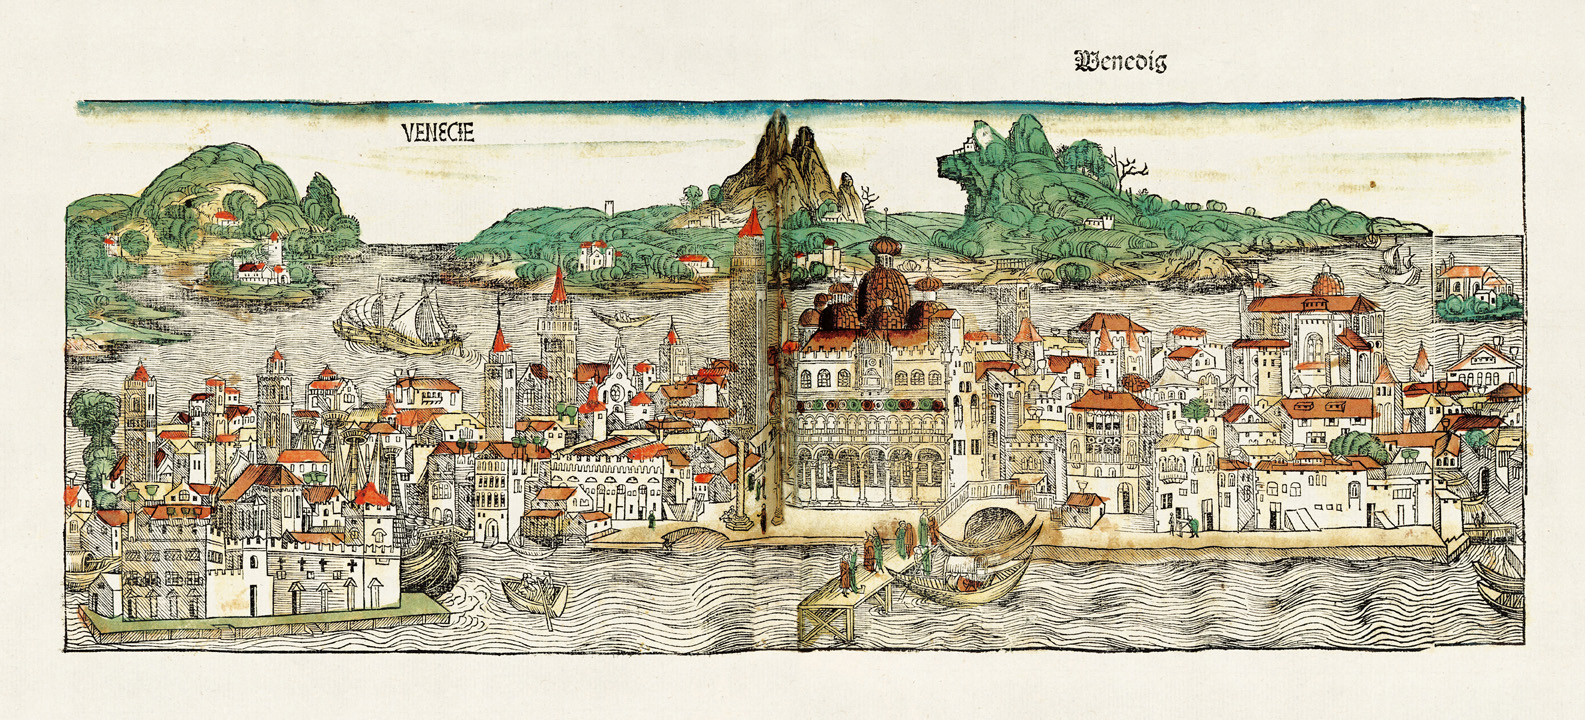 Velence (Venice)